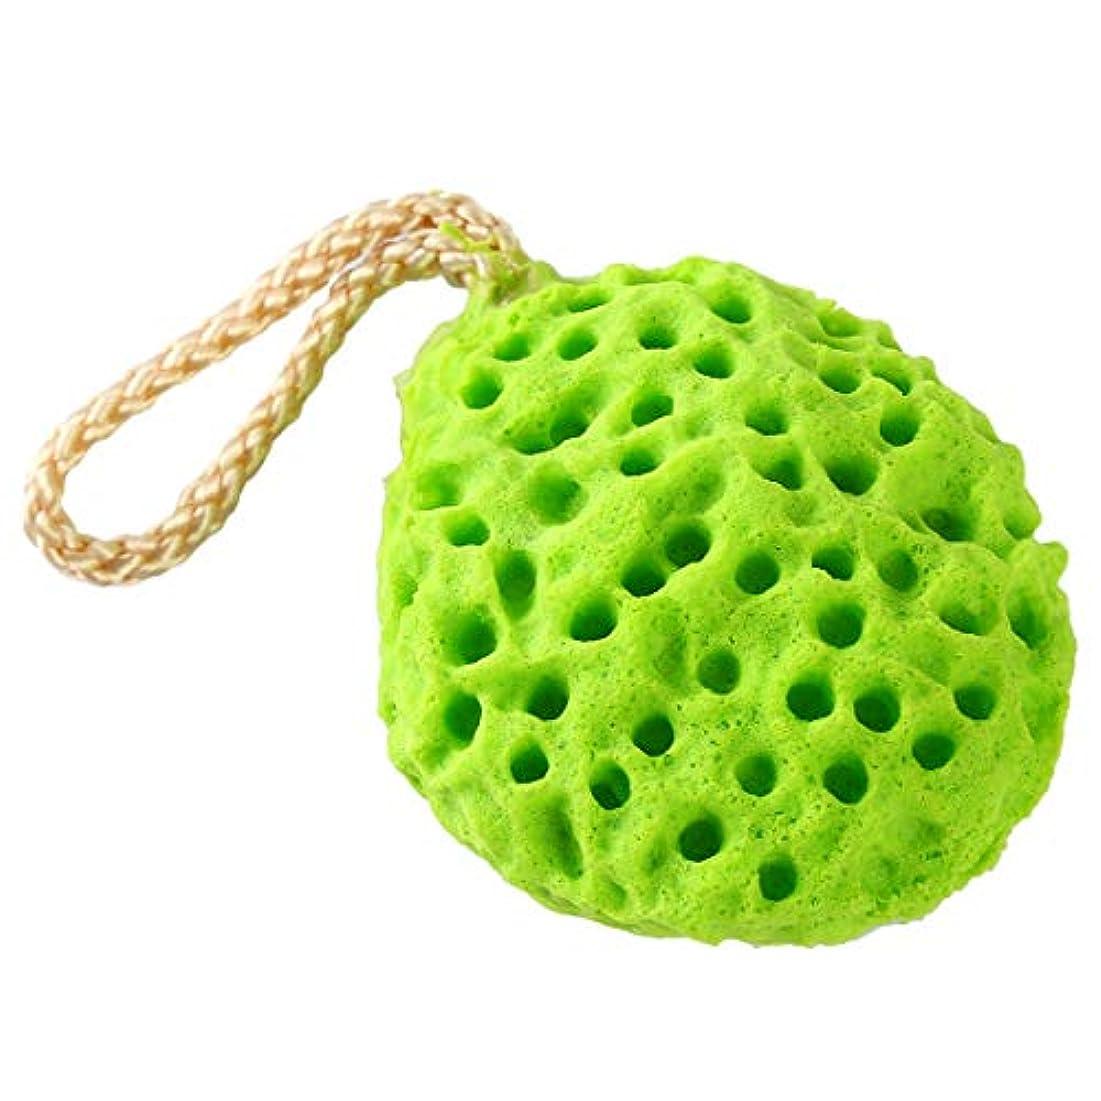 原稿壮大な頑固なKLUMA ボディースポンジ ボディタオル 泡立てネット 超柔軟 シャワー用 ボディ用 お風呂ボール 泡ボール ボディ洗い グリーン